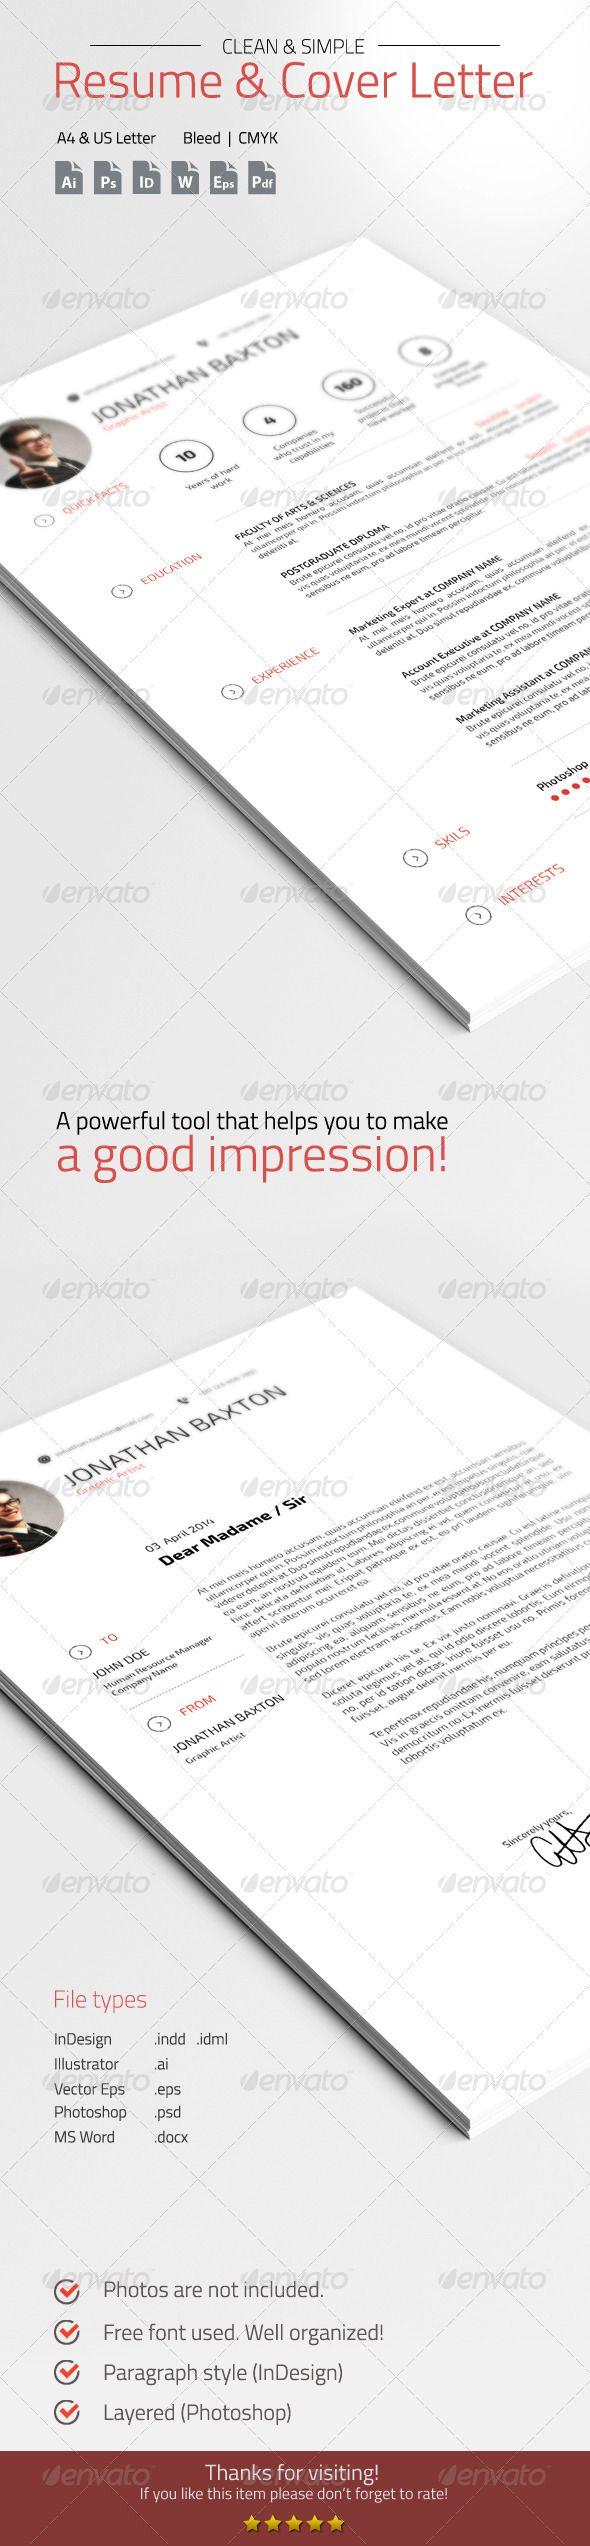 22 Best Curriculum Vitae Design Images On Pinterest Curriculum